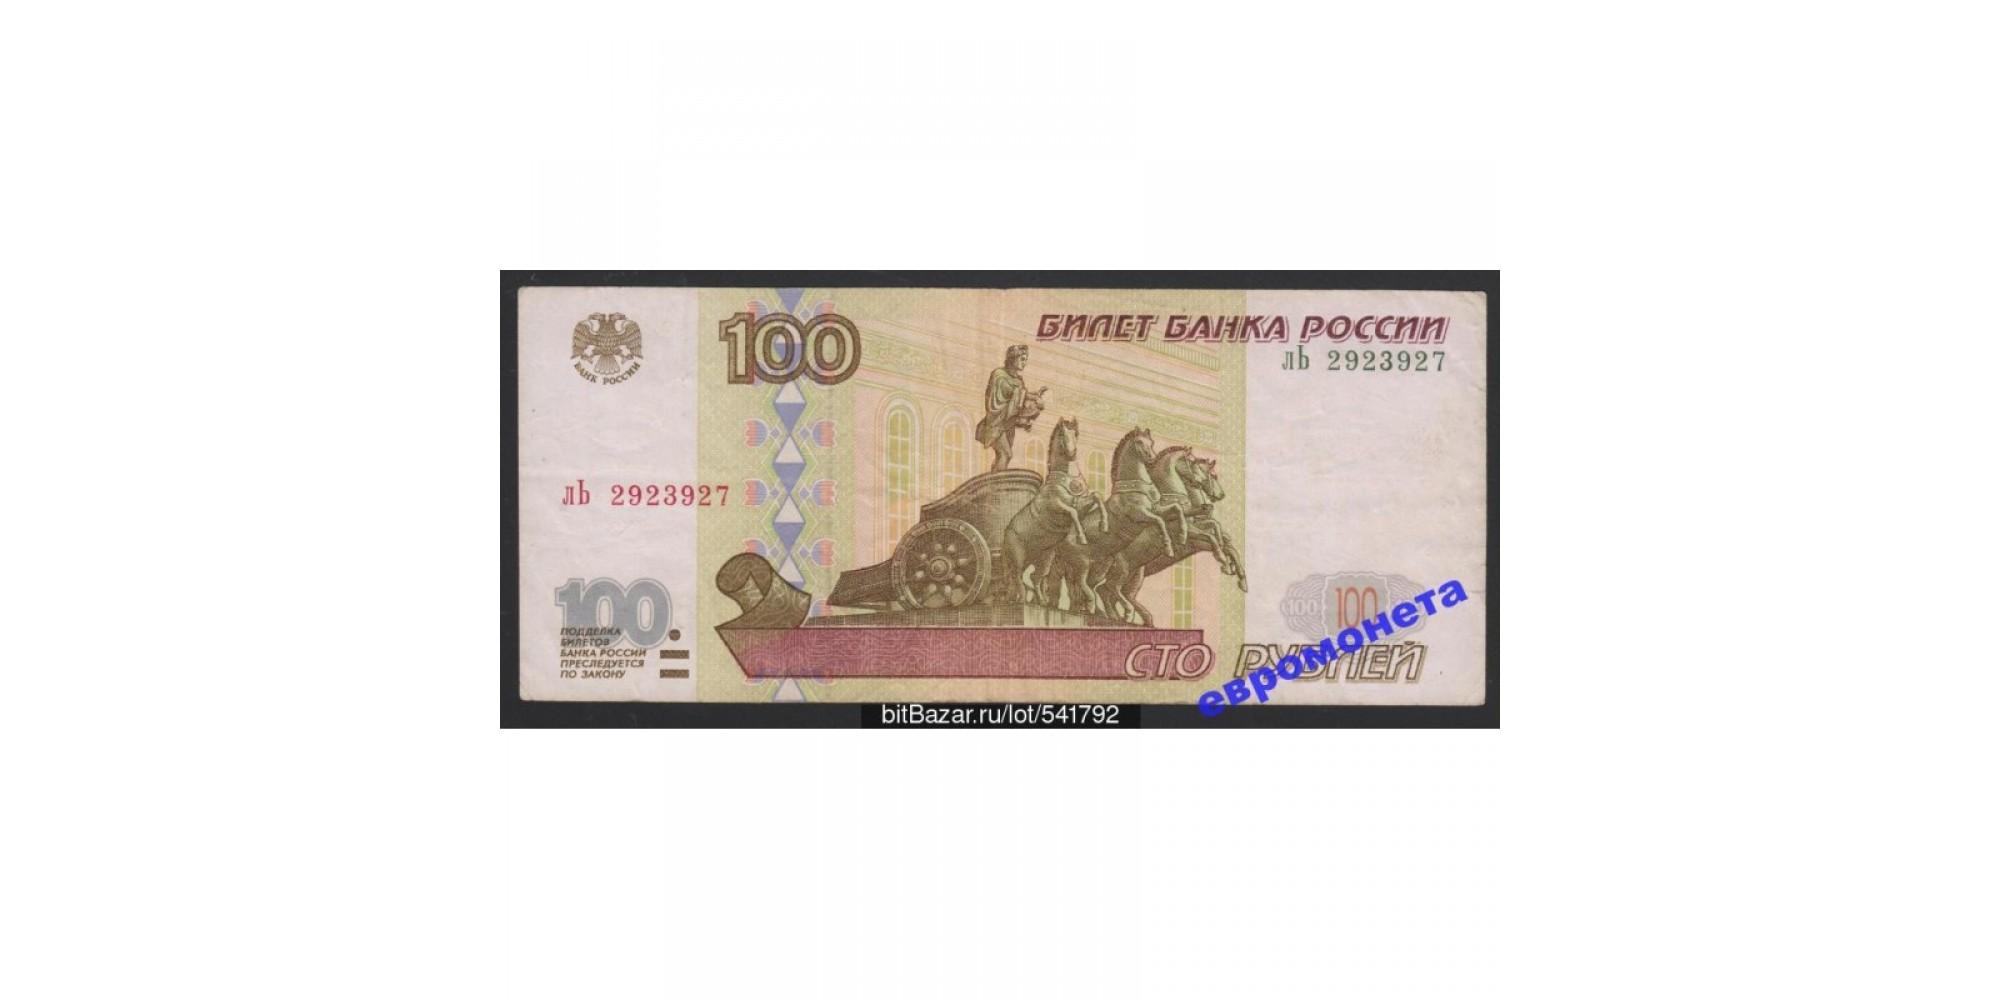 Россия 100 рублей 1997 год без модификации серия лЬ 2923927